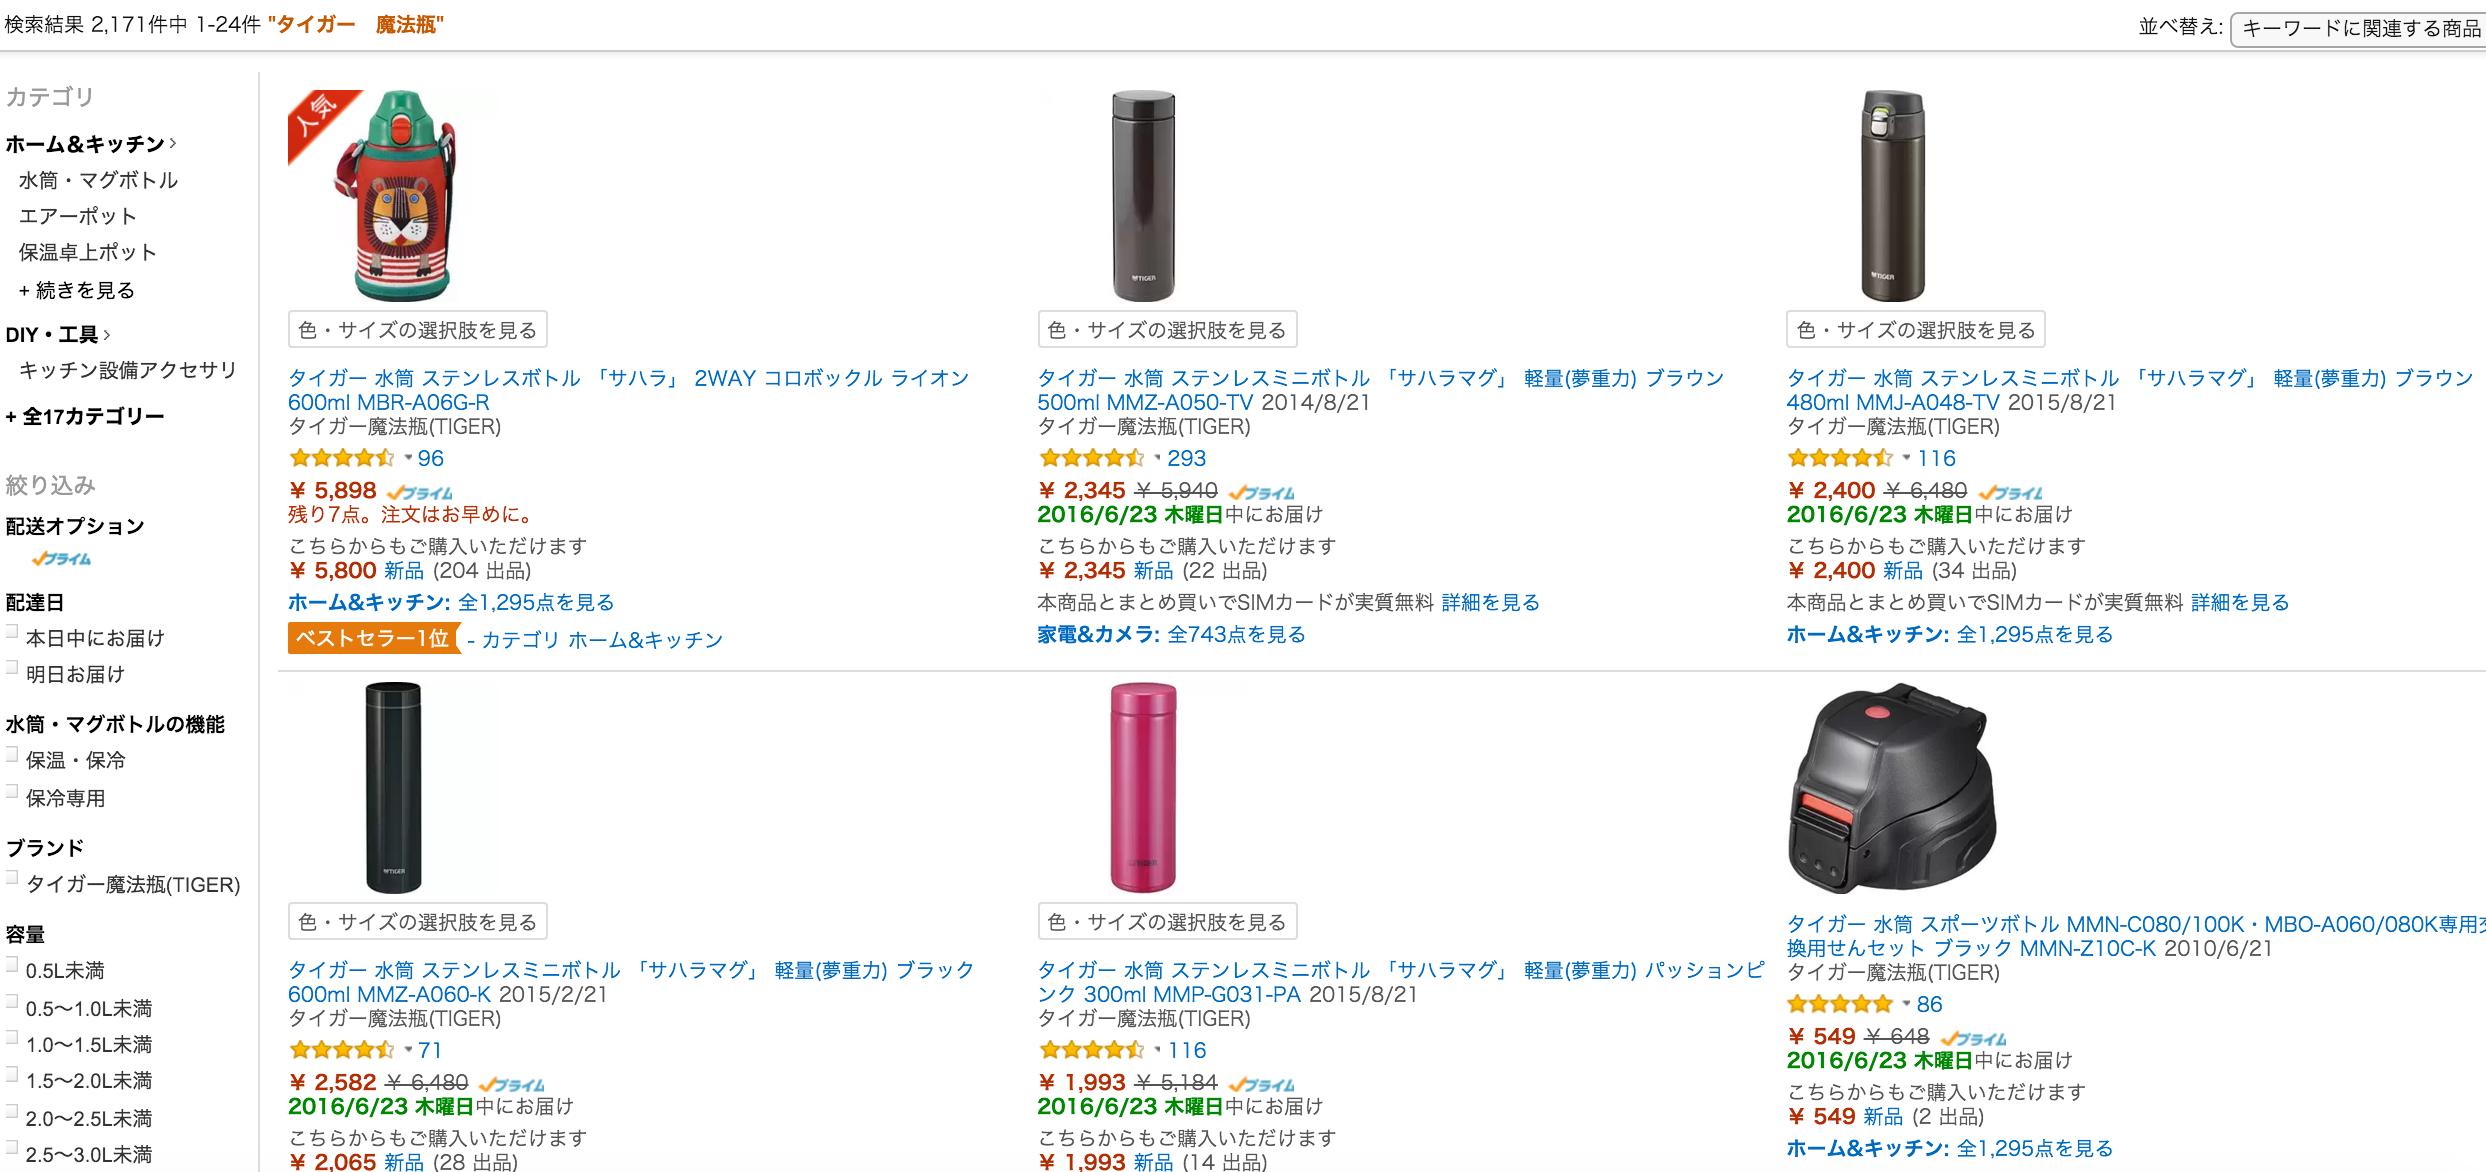 Amazon_co_jp__タイガー 魔法瓶